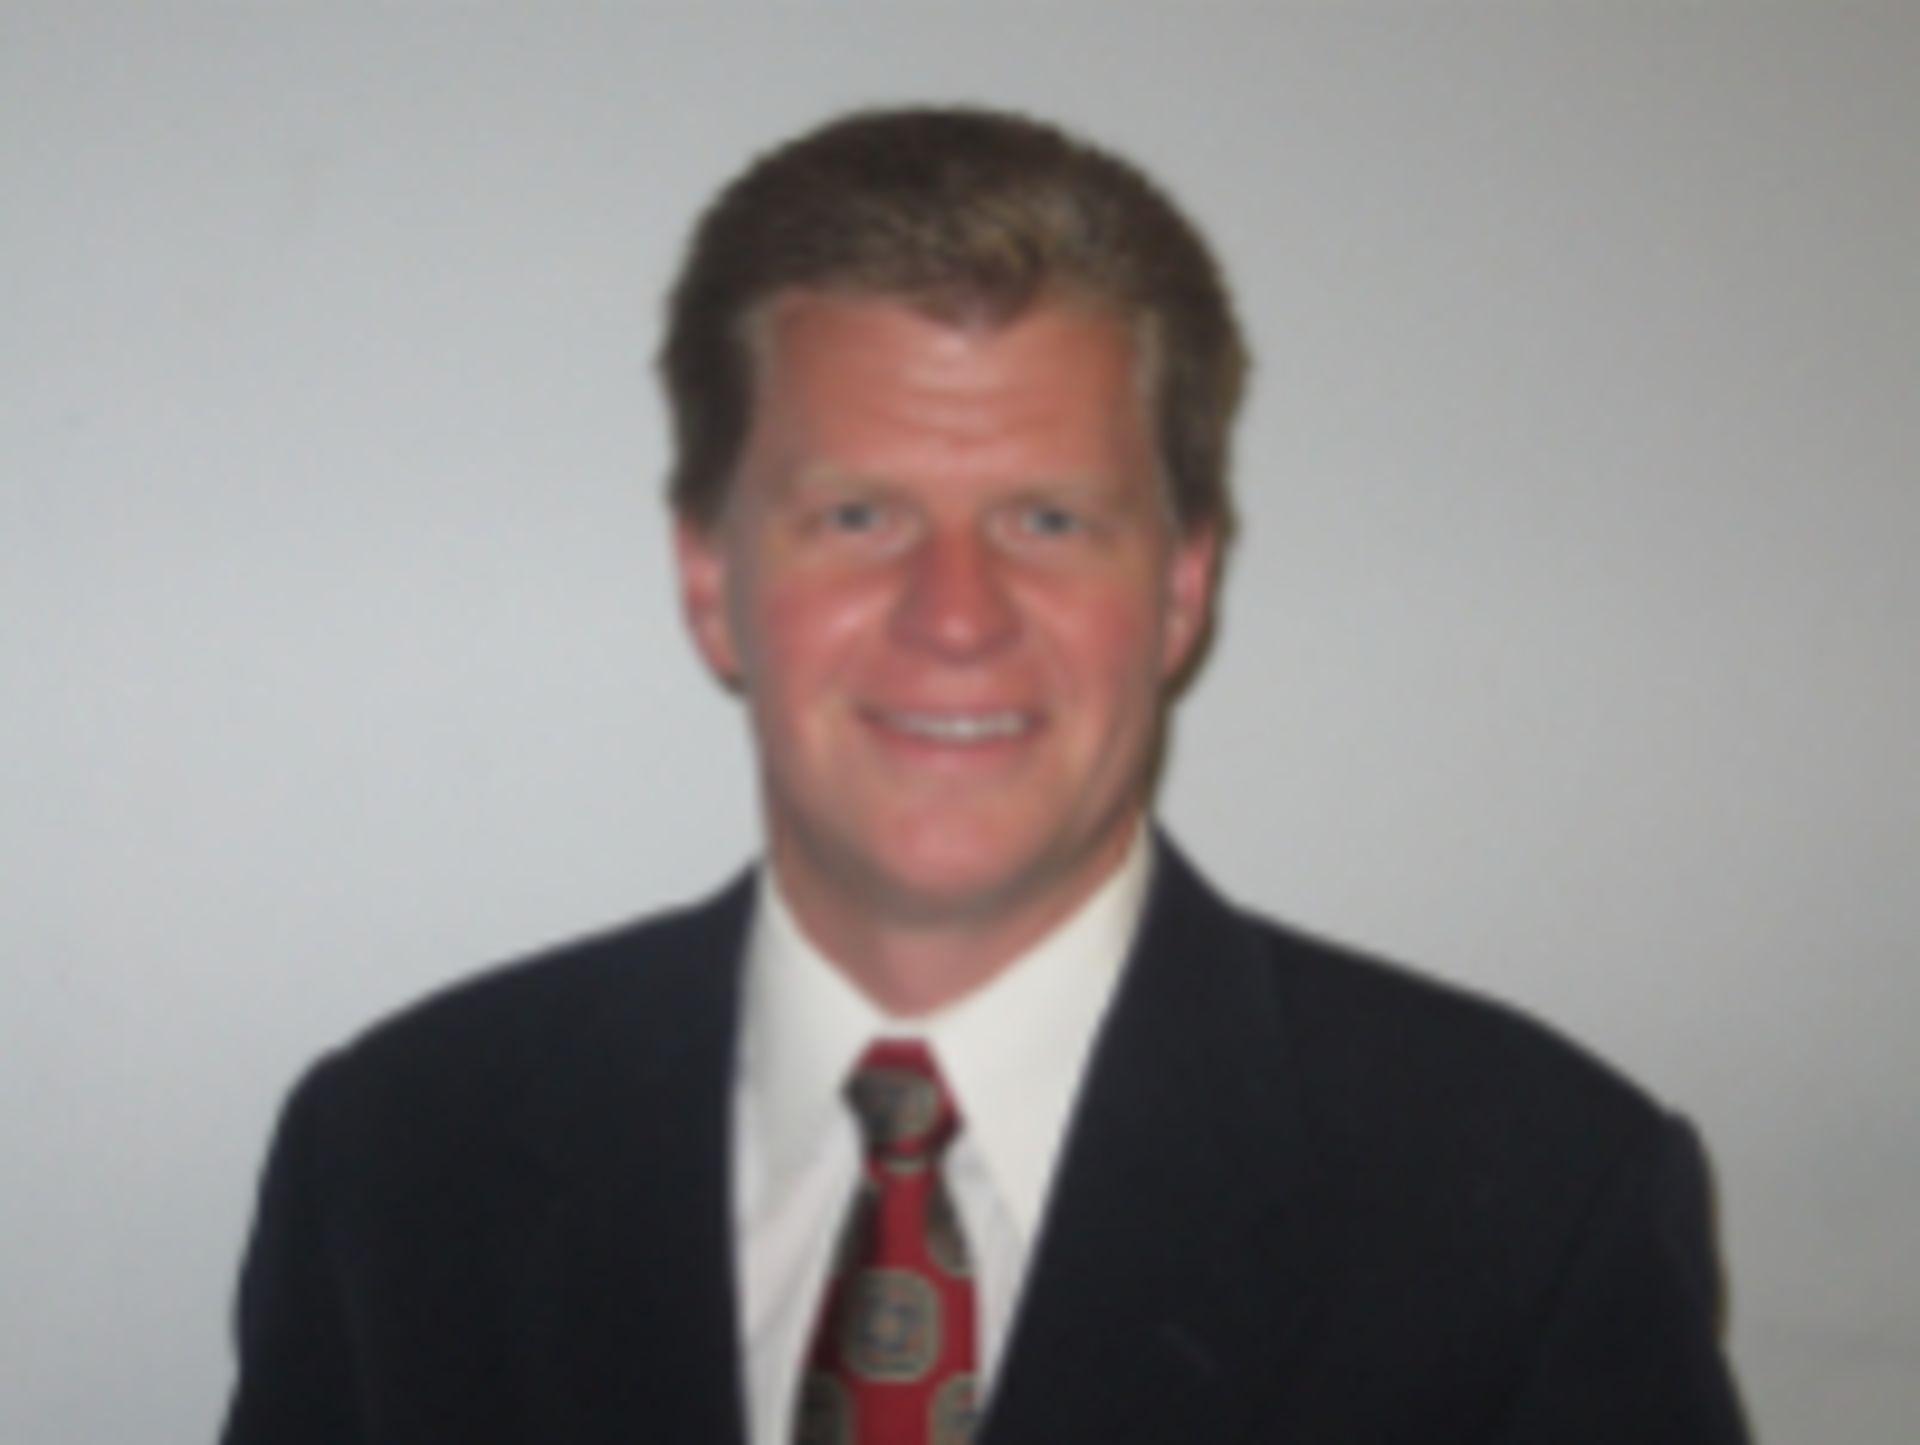 Jeffrey Lubeski